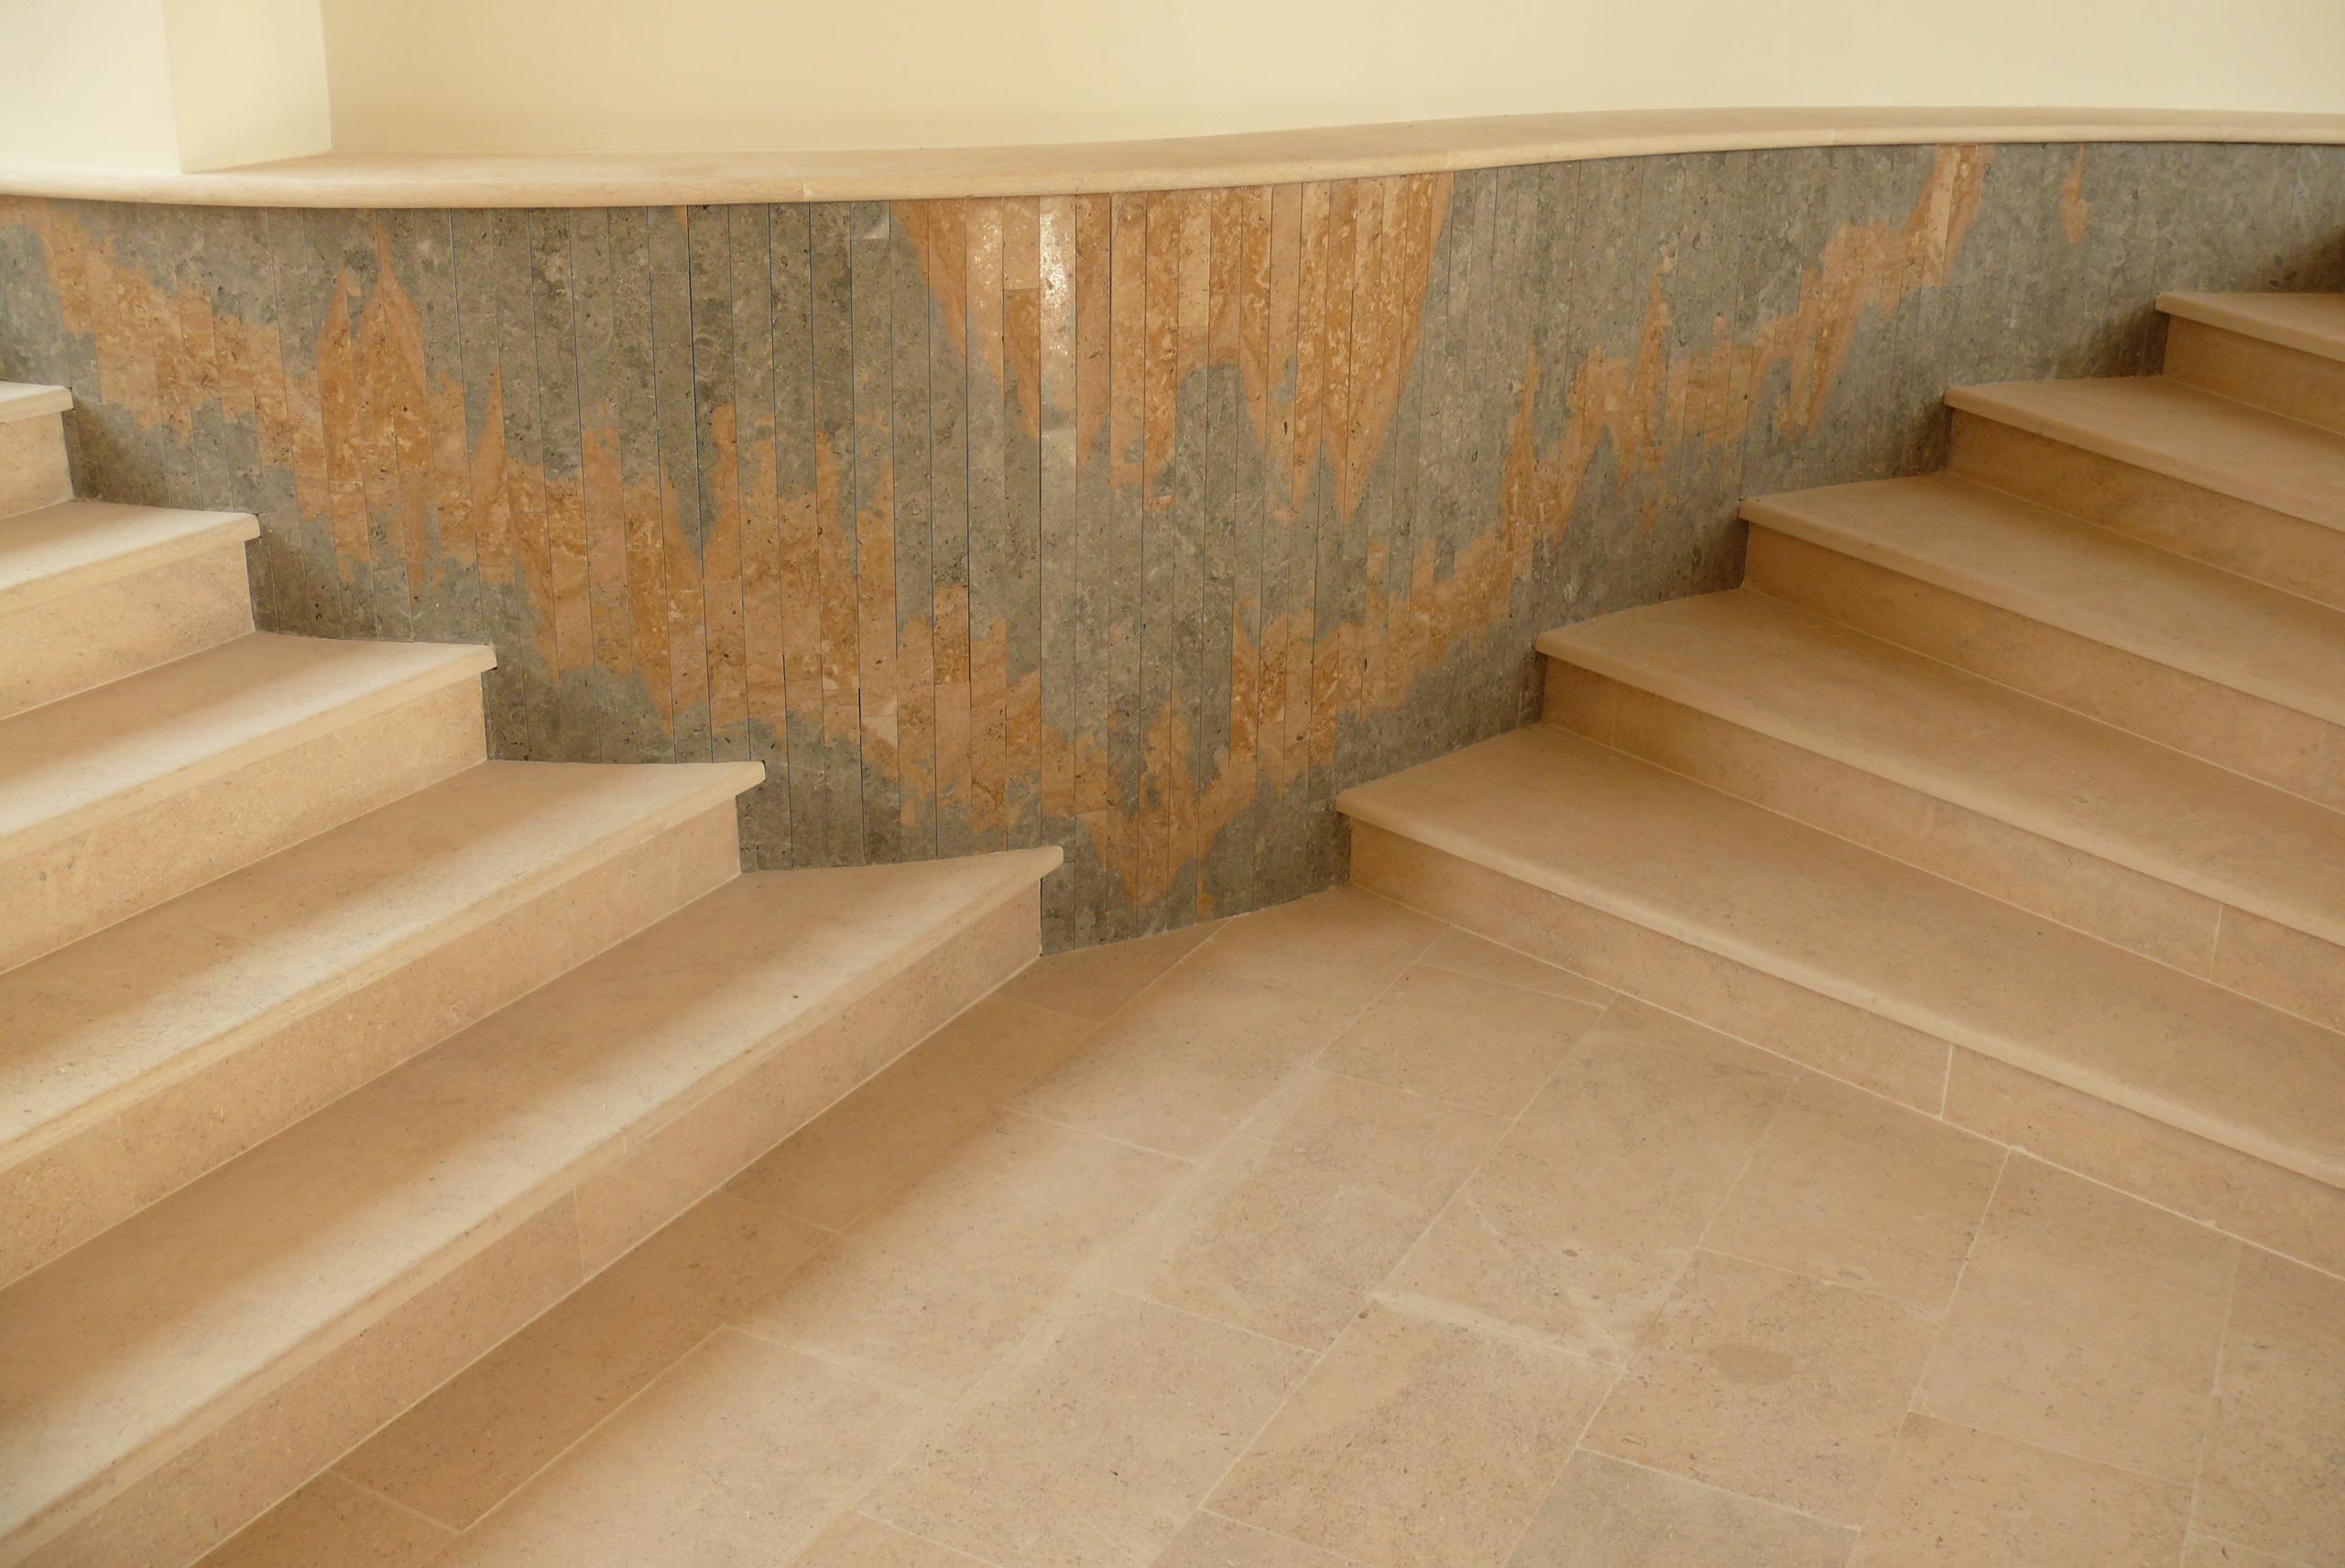 Trepte/Placaje din piatra naturala de Vistea LEVENTE COMPANIE - Poza 23